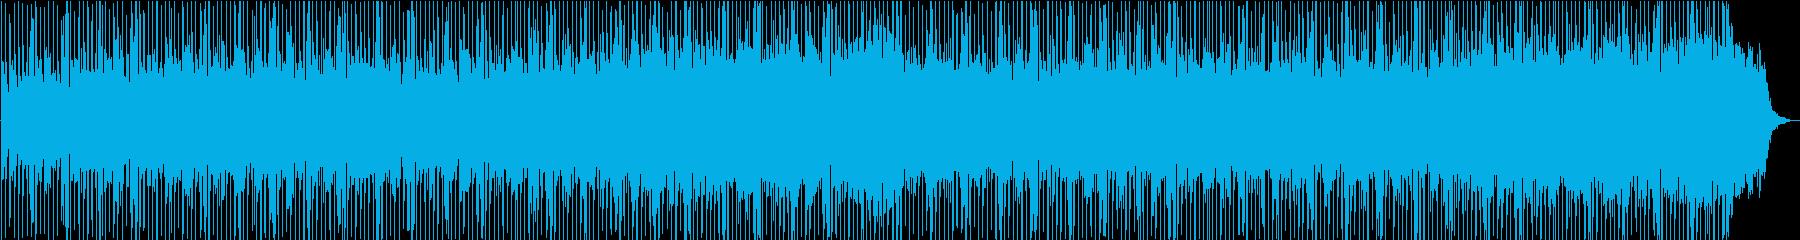 エキゾチックな音のモンドミュージックの再生済みの波形